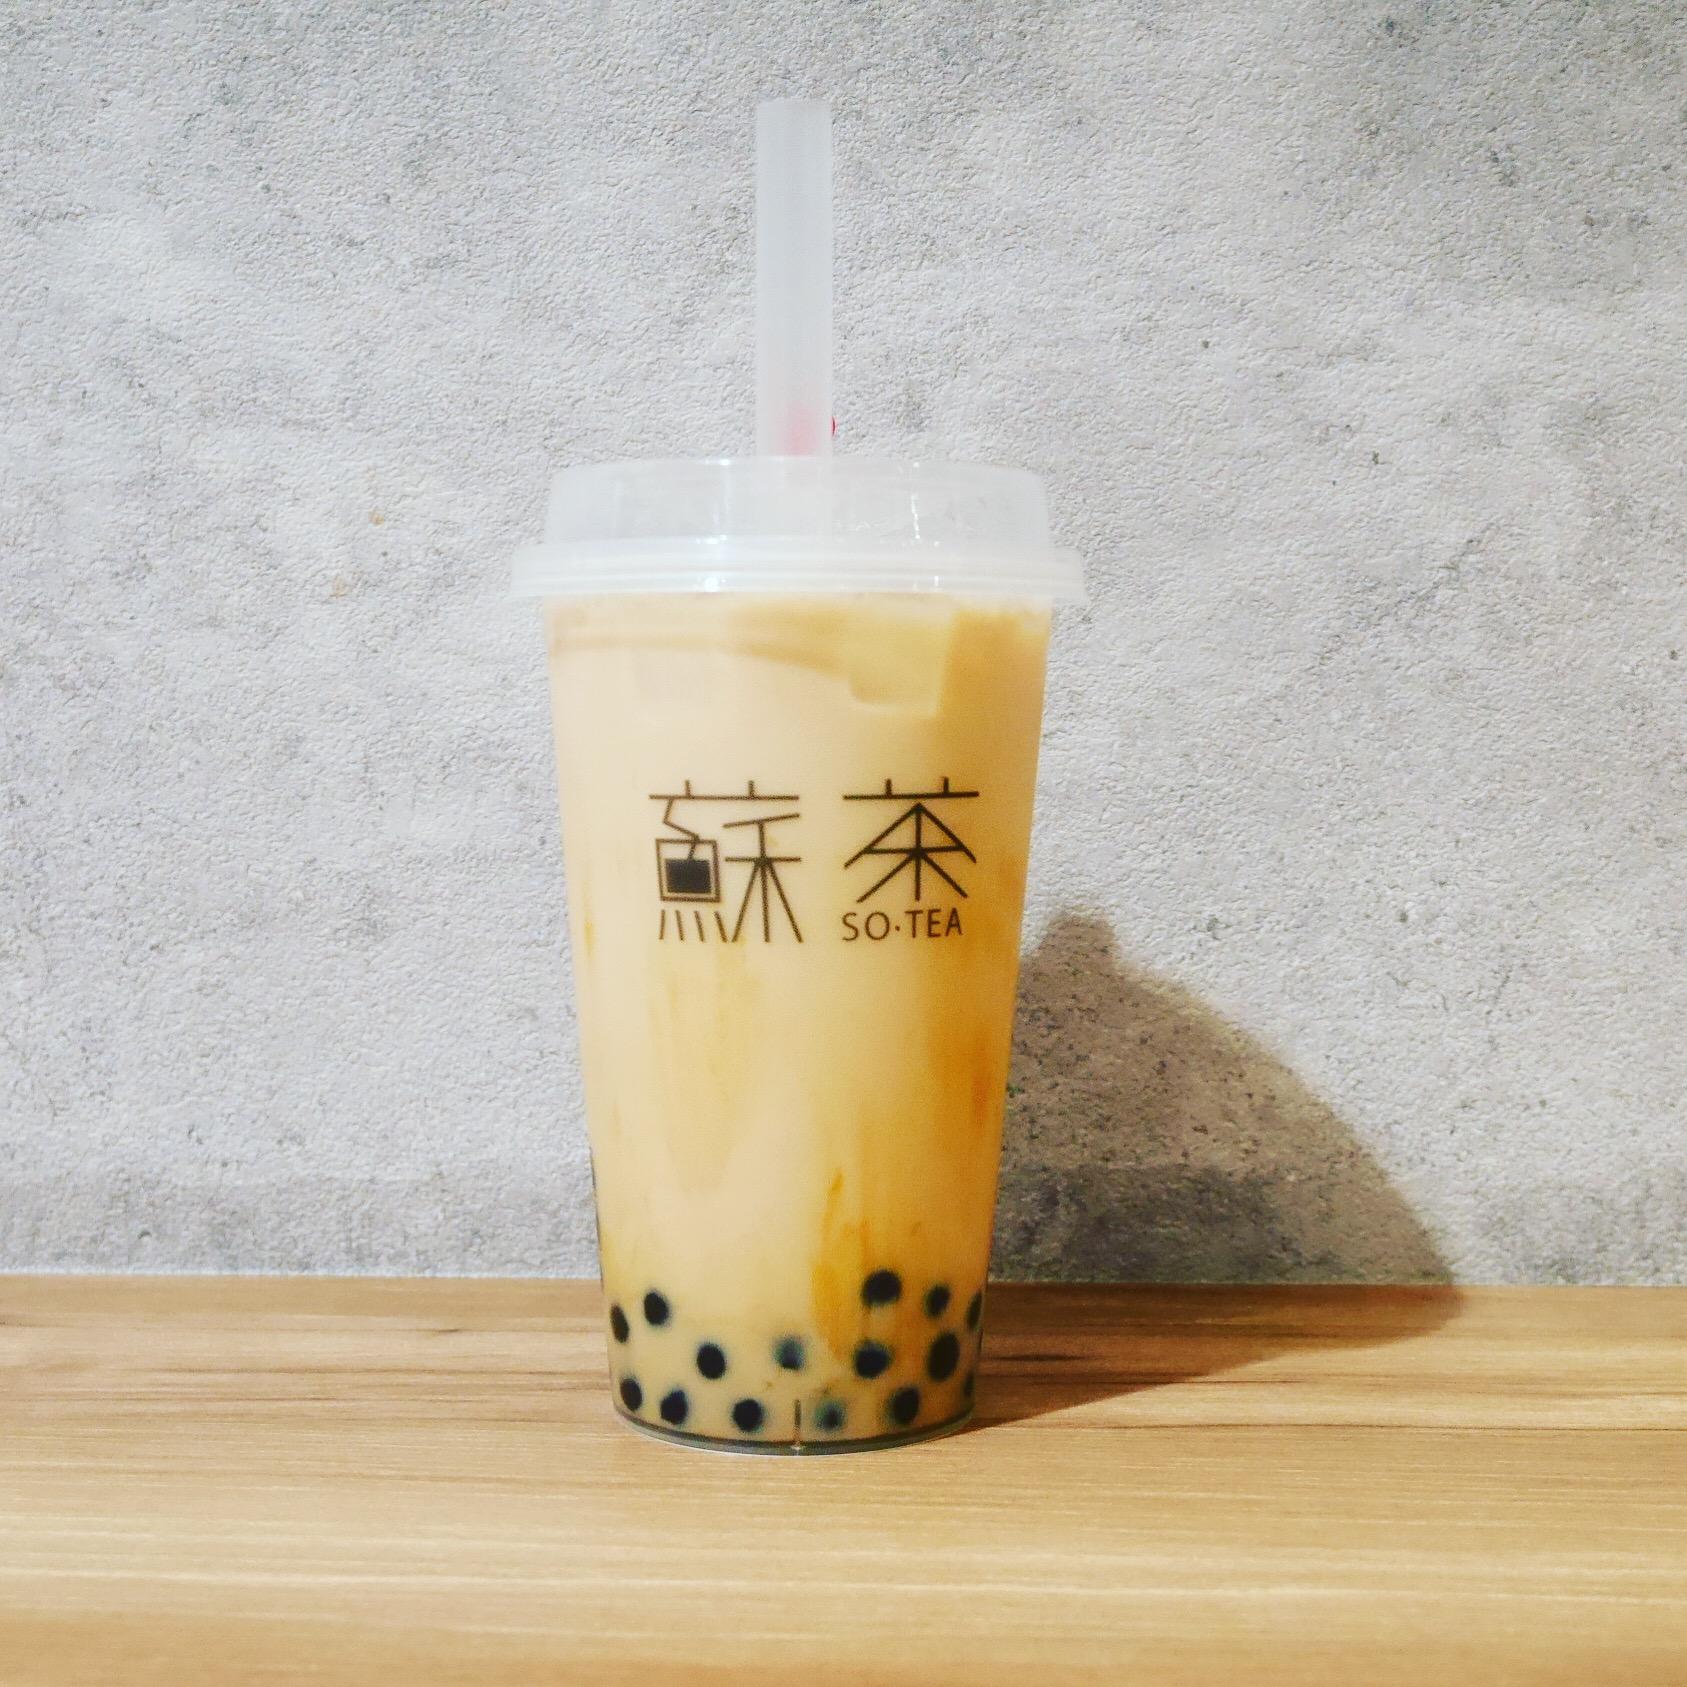 【大阪・難波】の《蘇茶 So tea》に行ってきました!_2